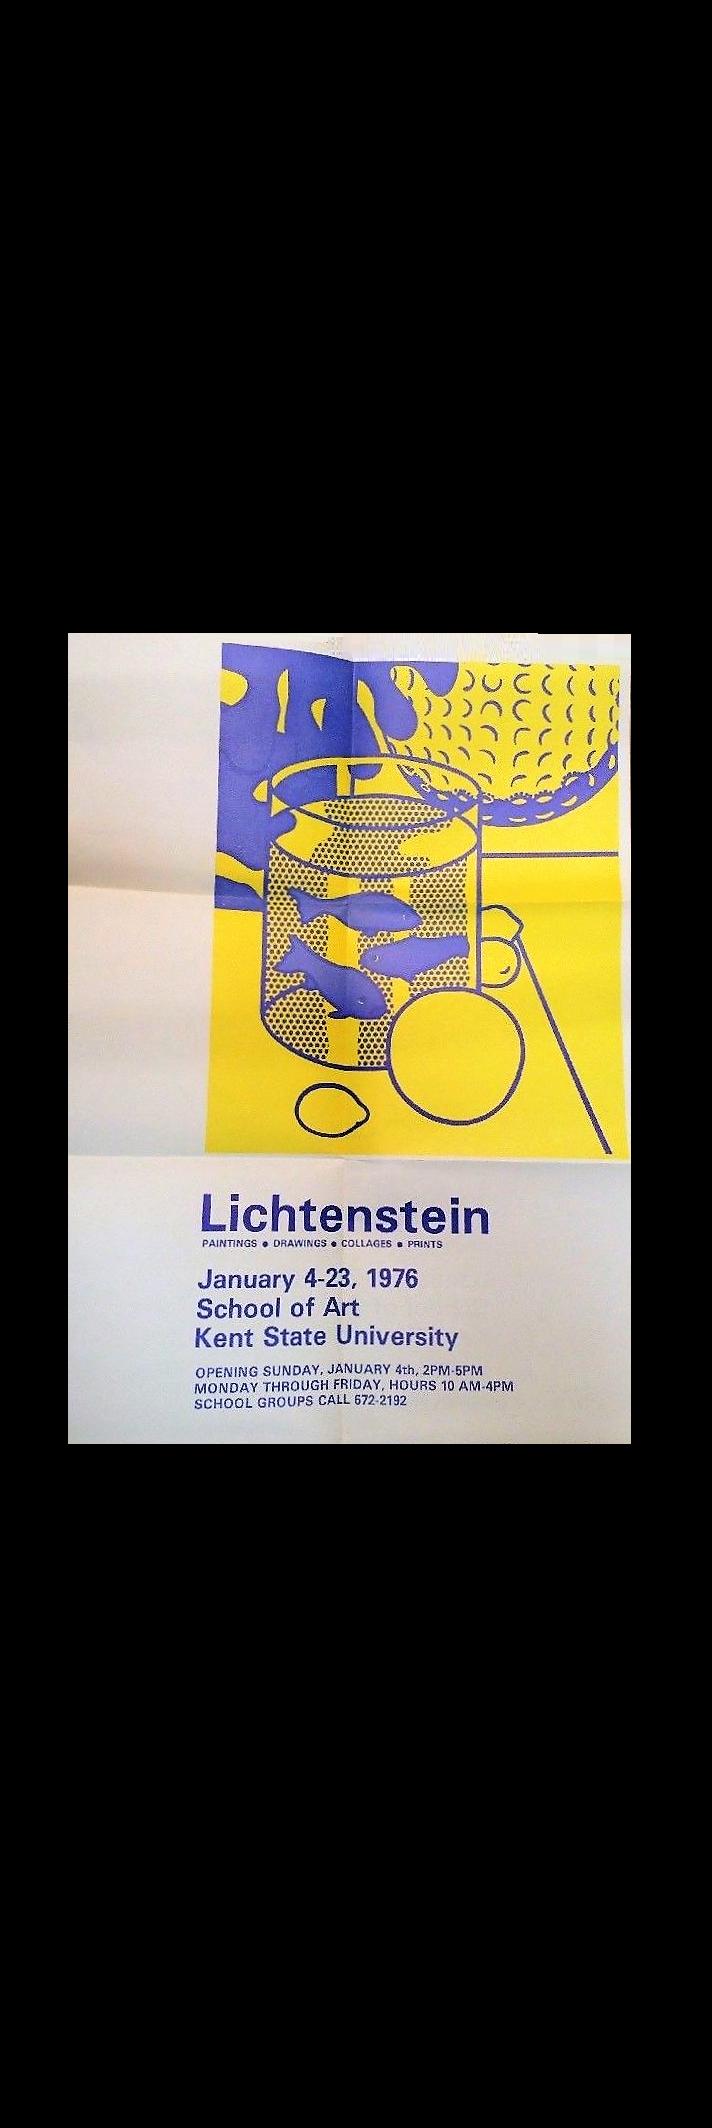 """""""LICHTENSTEIN"""",  1976, Exhibition Invitation/Poster, Kent State University School of Art,  SOLD"""